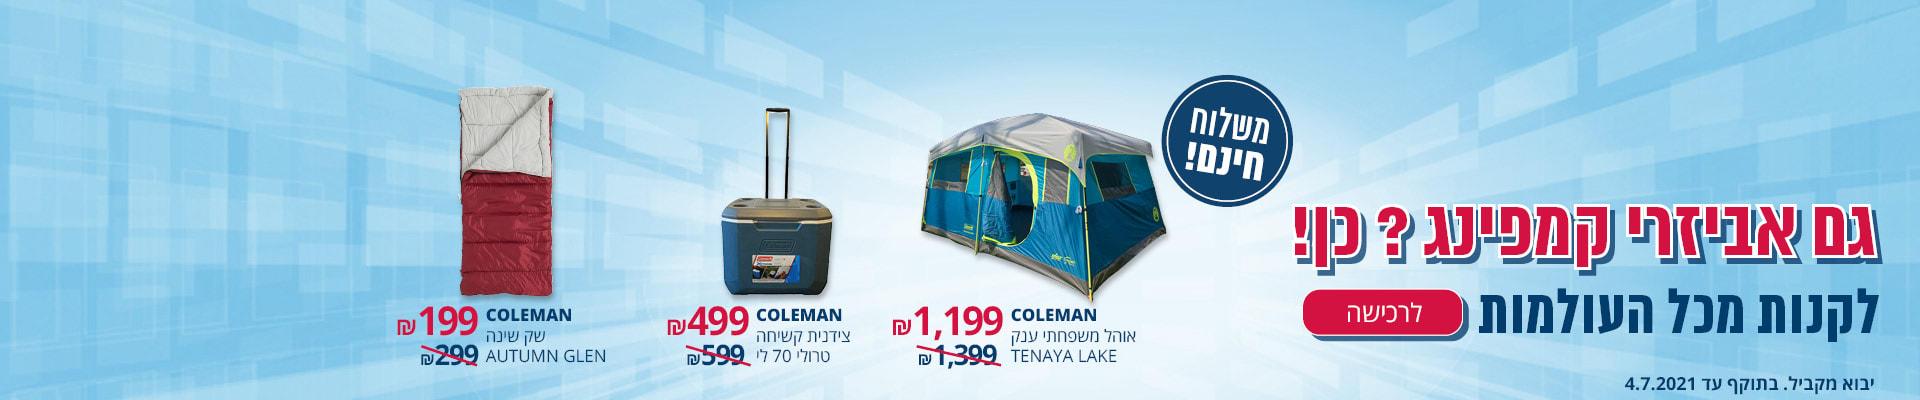 גם אביזרי קמפינג? כן! COLEMAN אוהל משפחתי ענק TENAYA LAKE 1199₪ COLEMAN צידנית קשיחה טרולי 70 ל' 499 ₪ COLEMAN שק שינה AUTUMN GLEN 199 ₪ משלוח חינם תוקף עד 4.7.2021